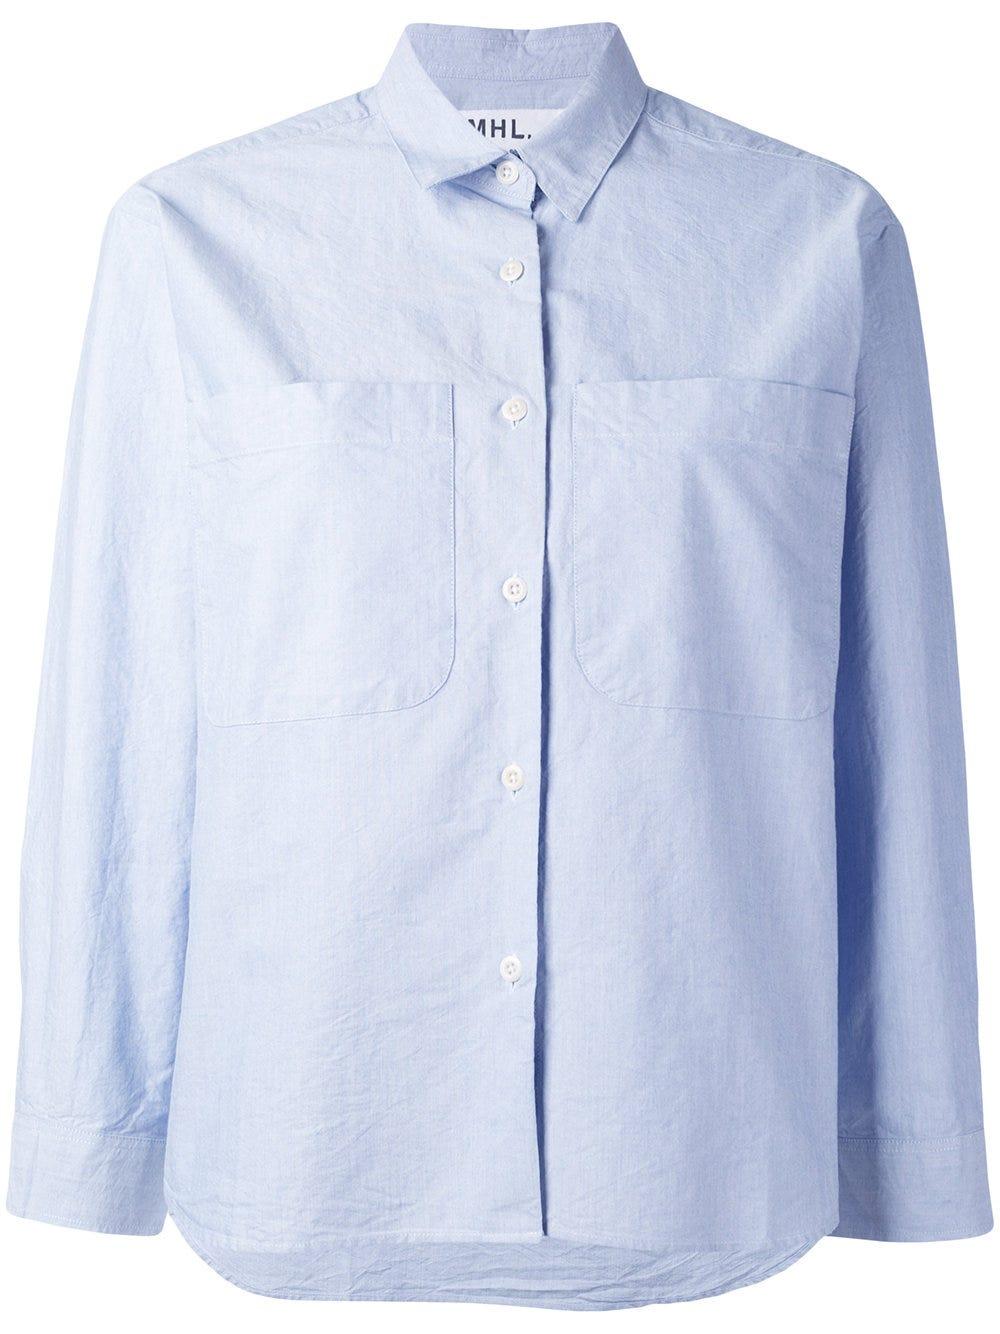 fff8636d Best Women's Shirts For Work - Button Up Tops